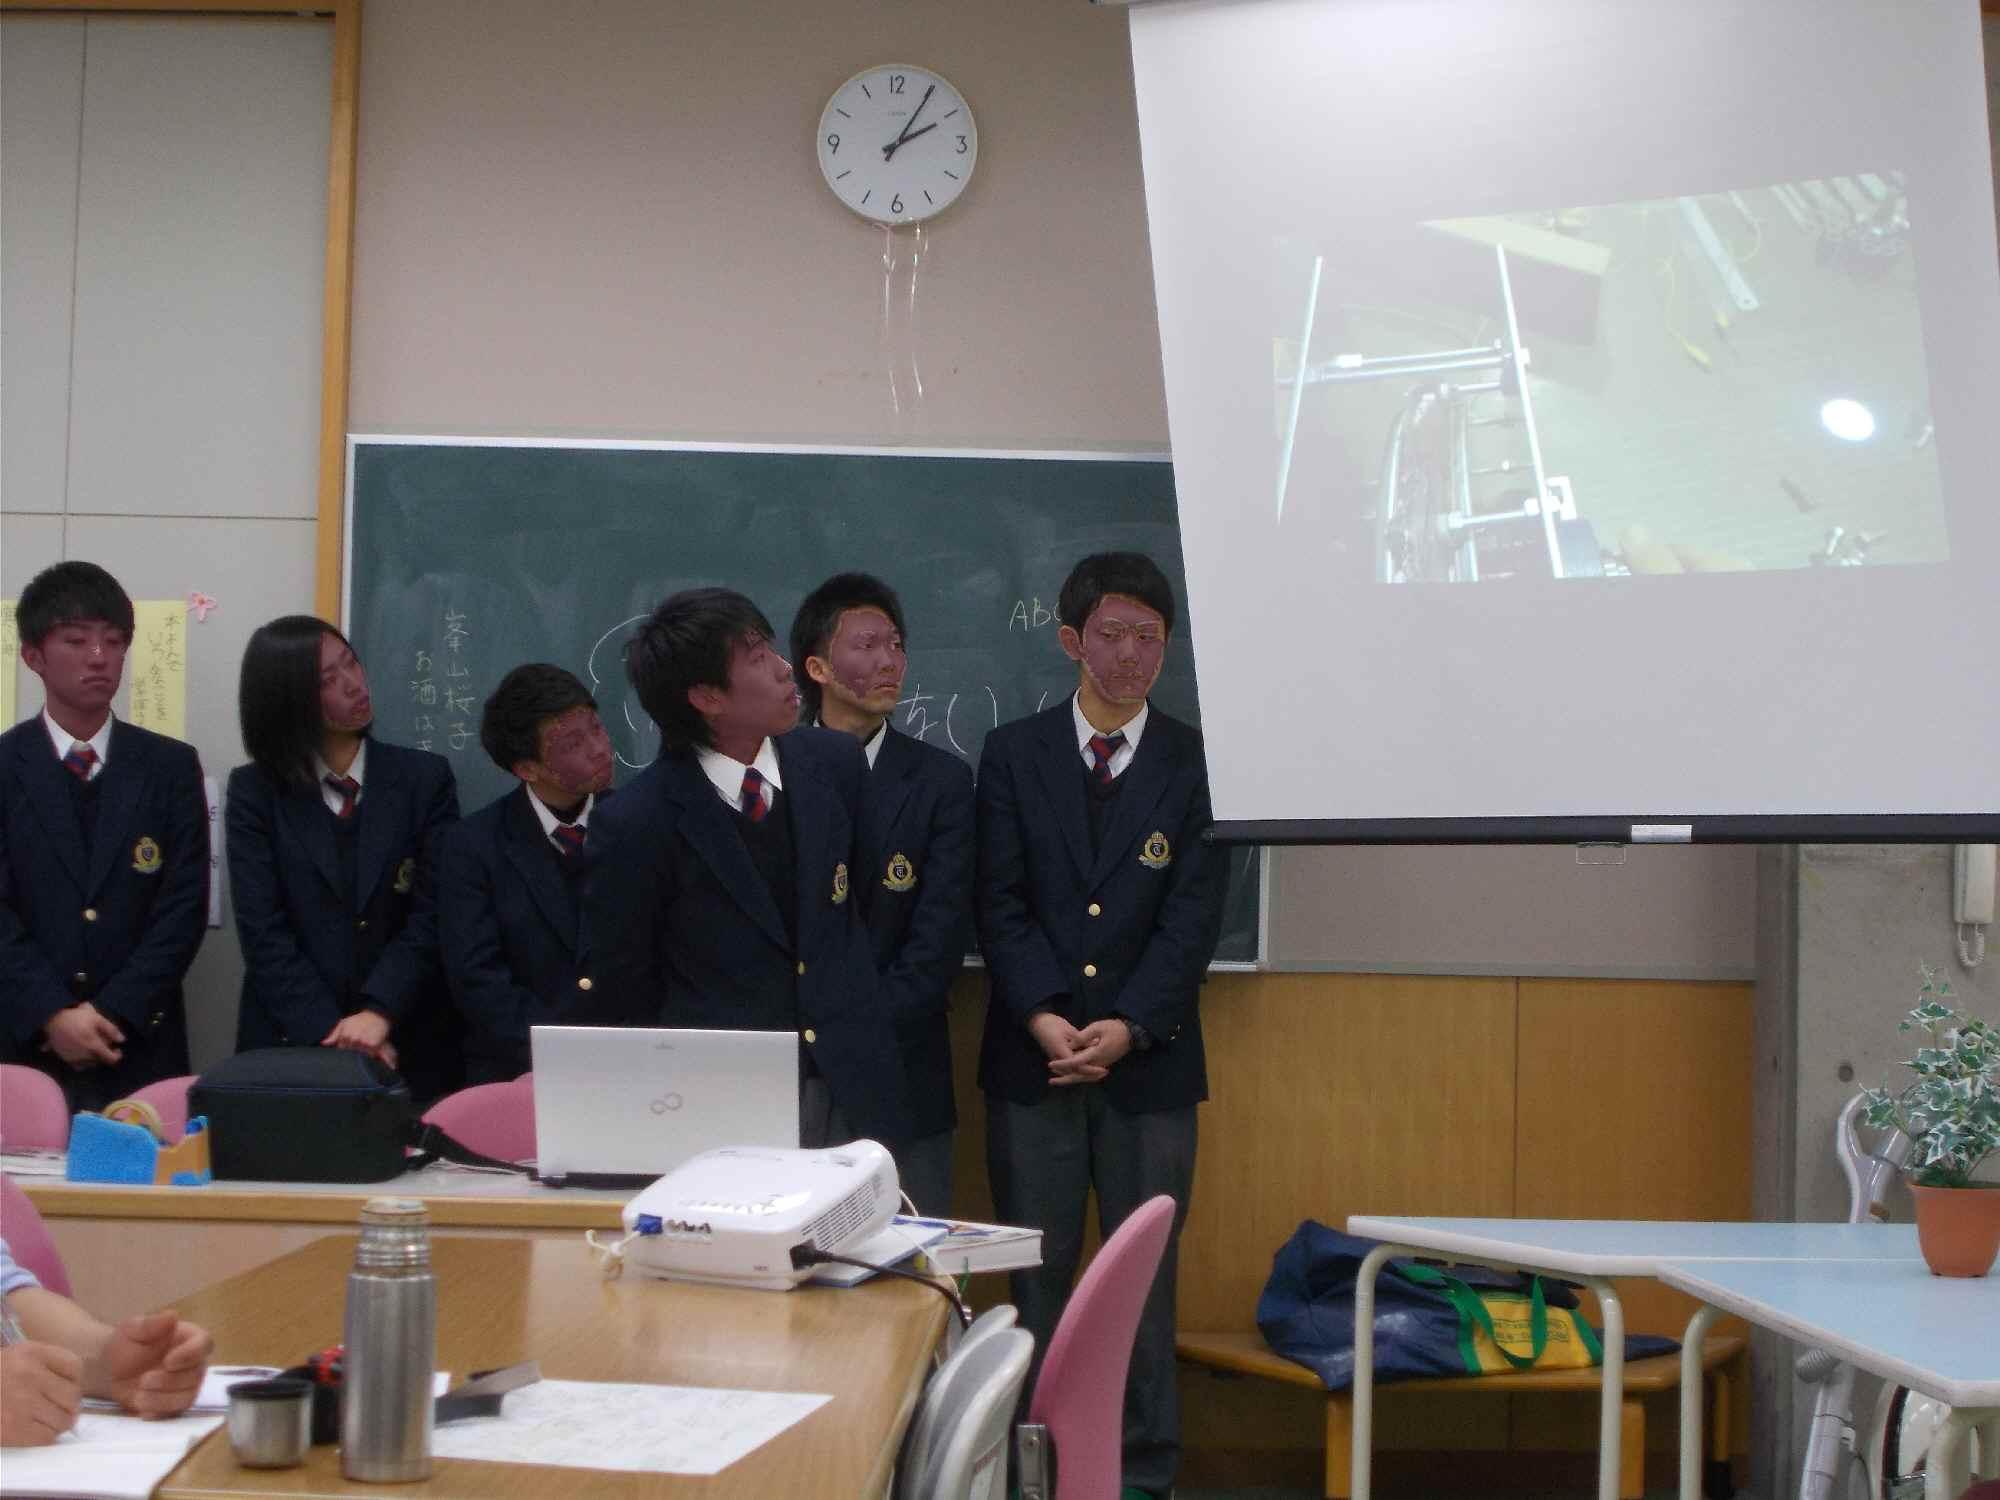 水車の羽根、発電機のコイル巻きなど一から製作したことを発表しました